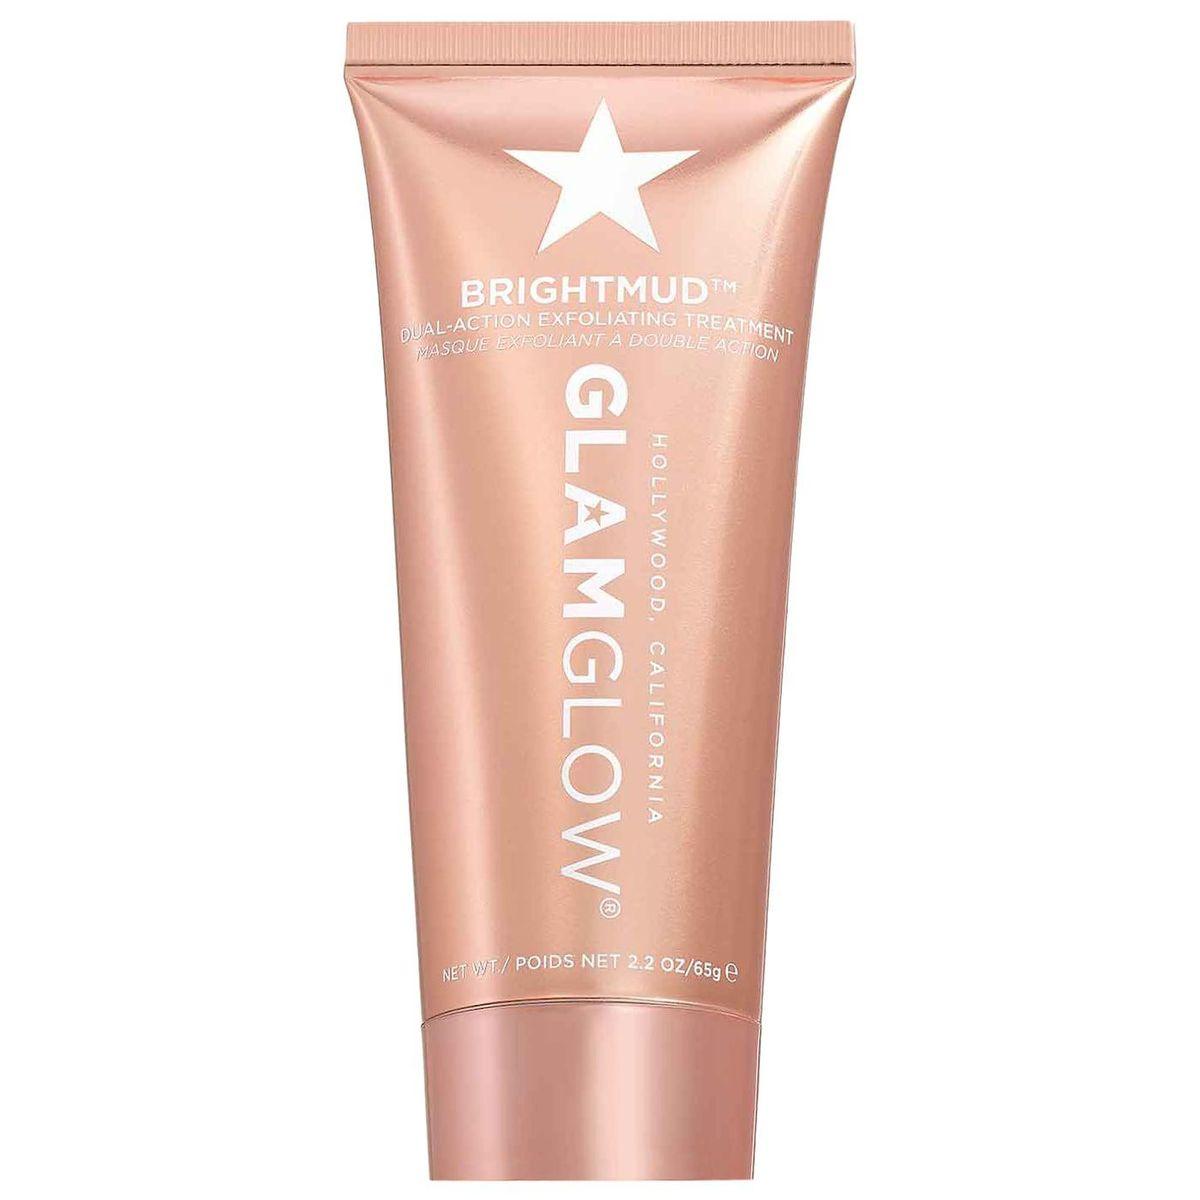 glamglow brightmud dual exfoliation treatment